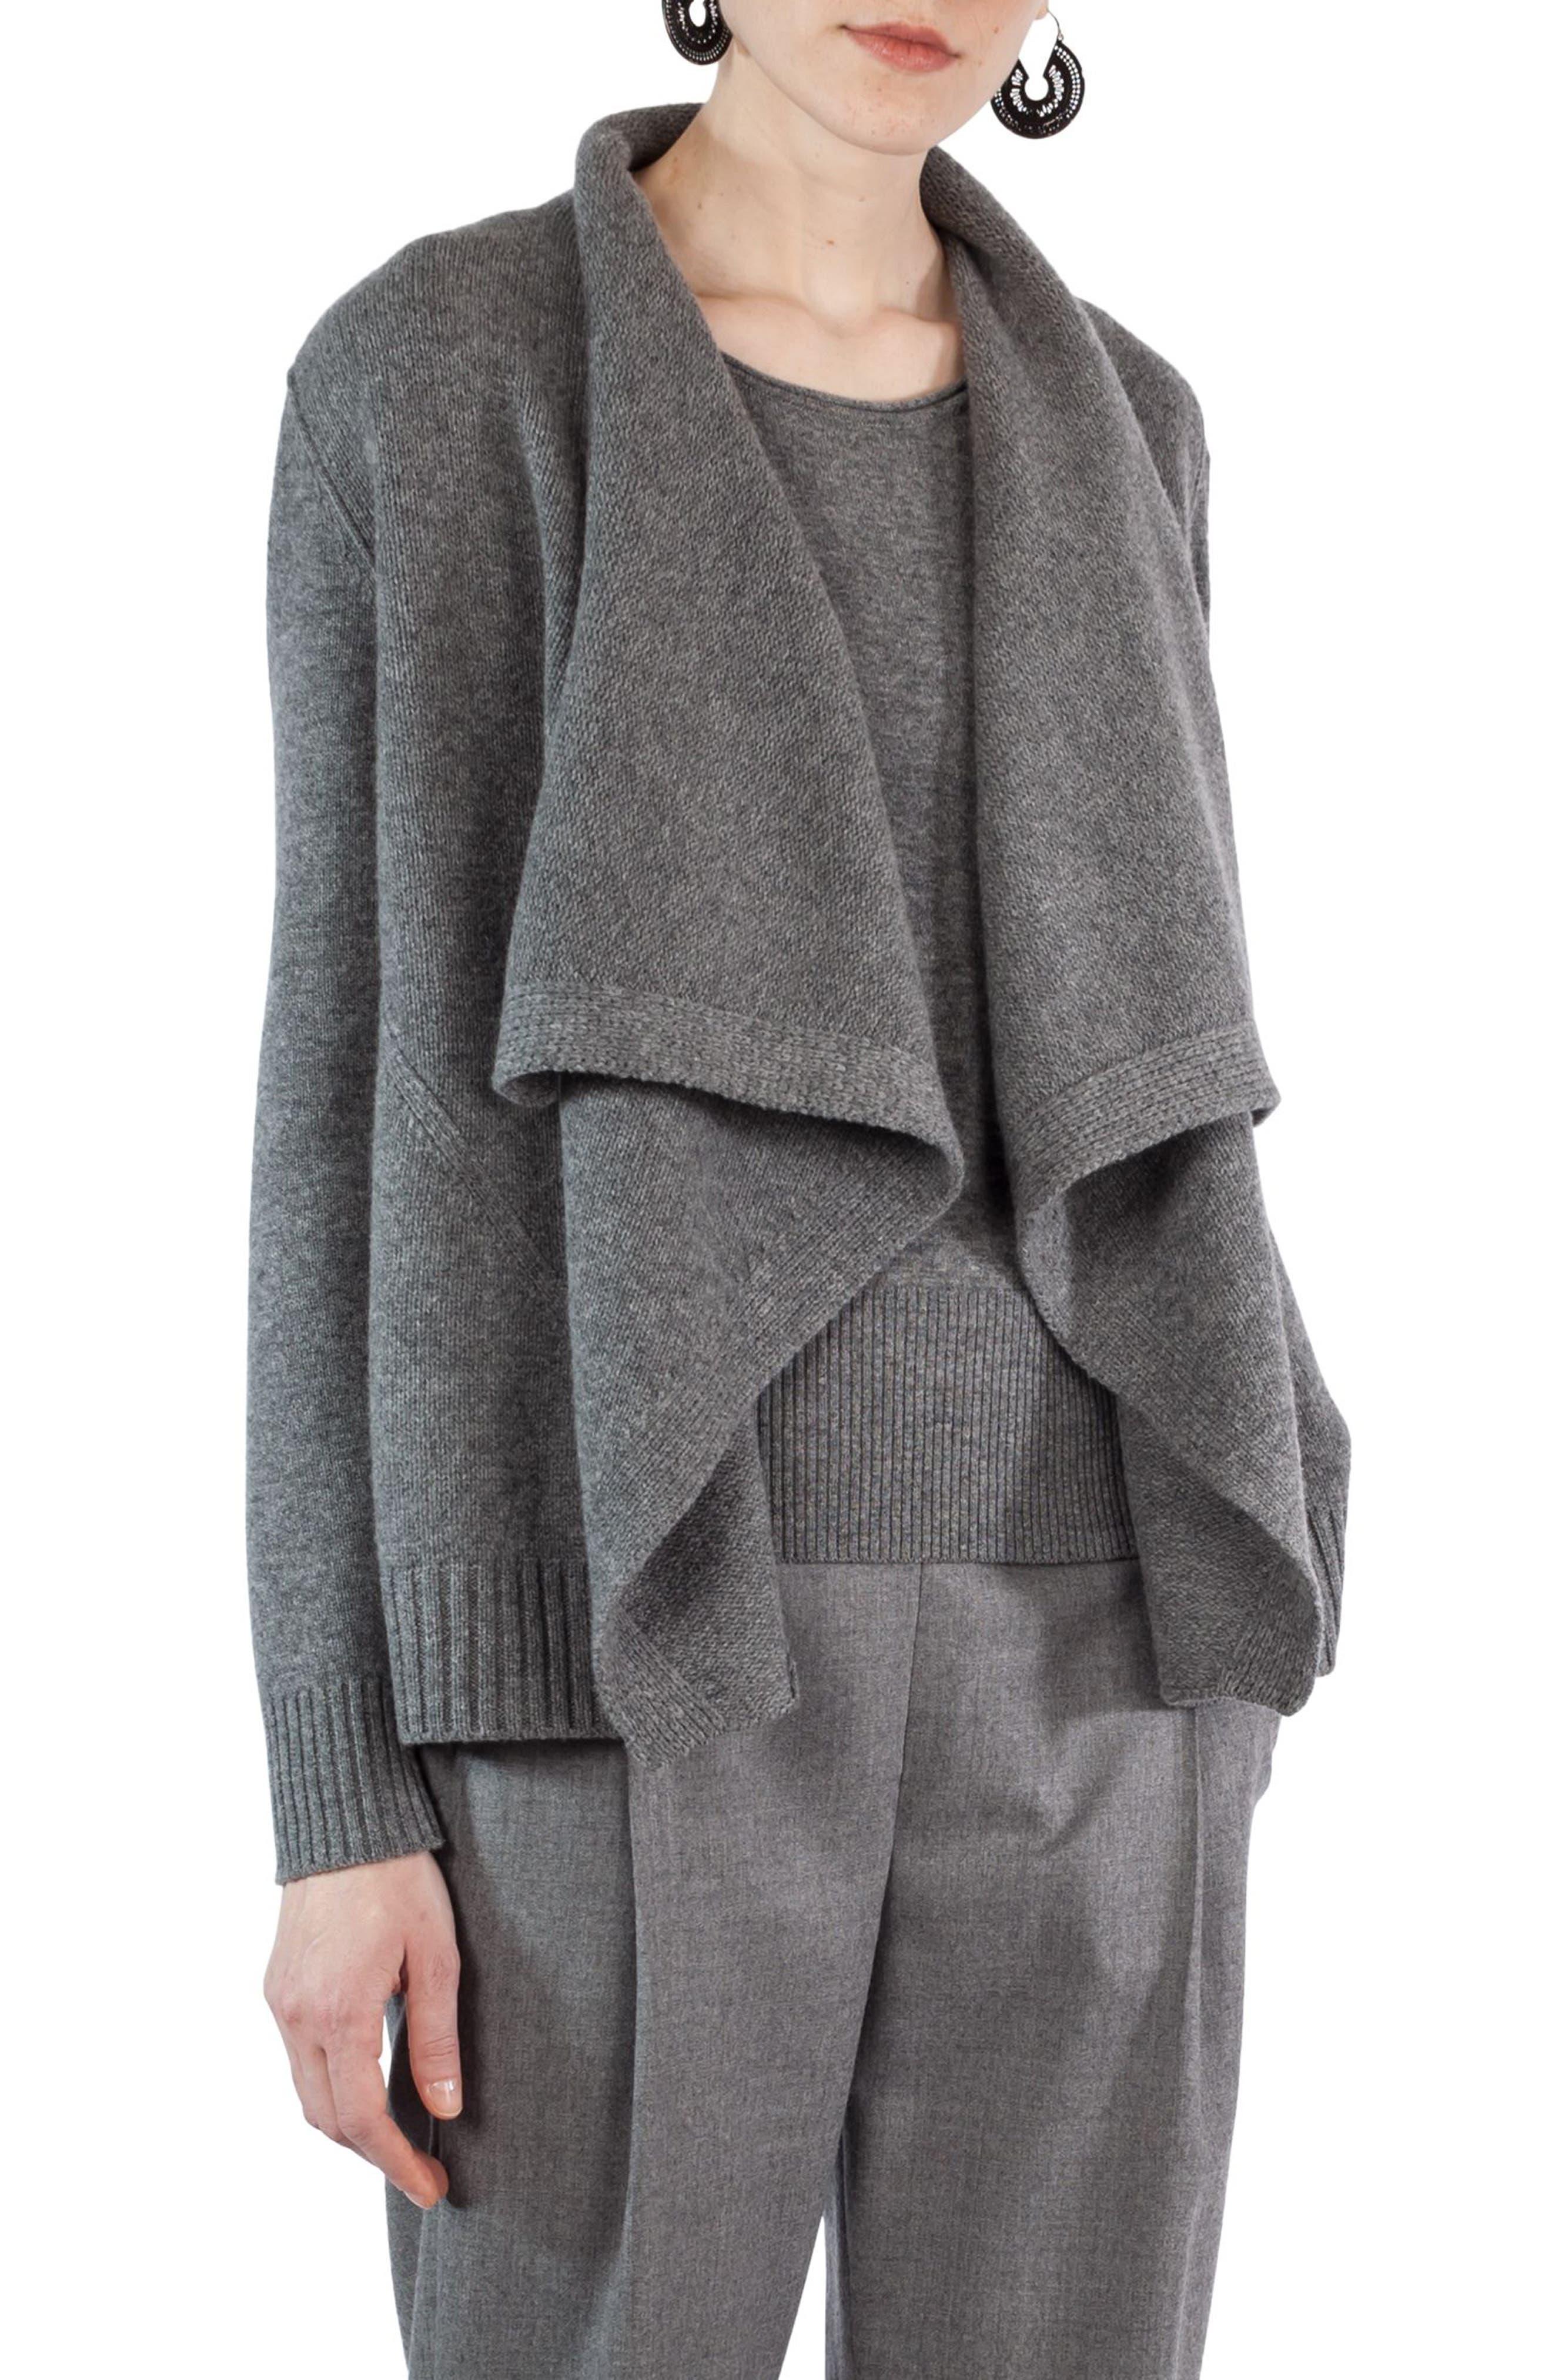 Alternate Image 1 Selected - Akris punto Wool & Cashmere Cardigan